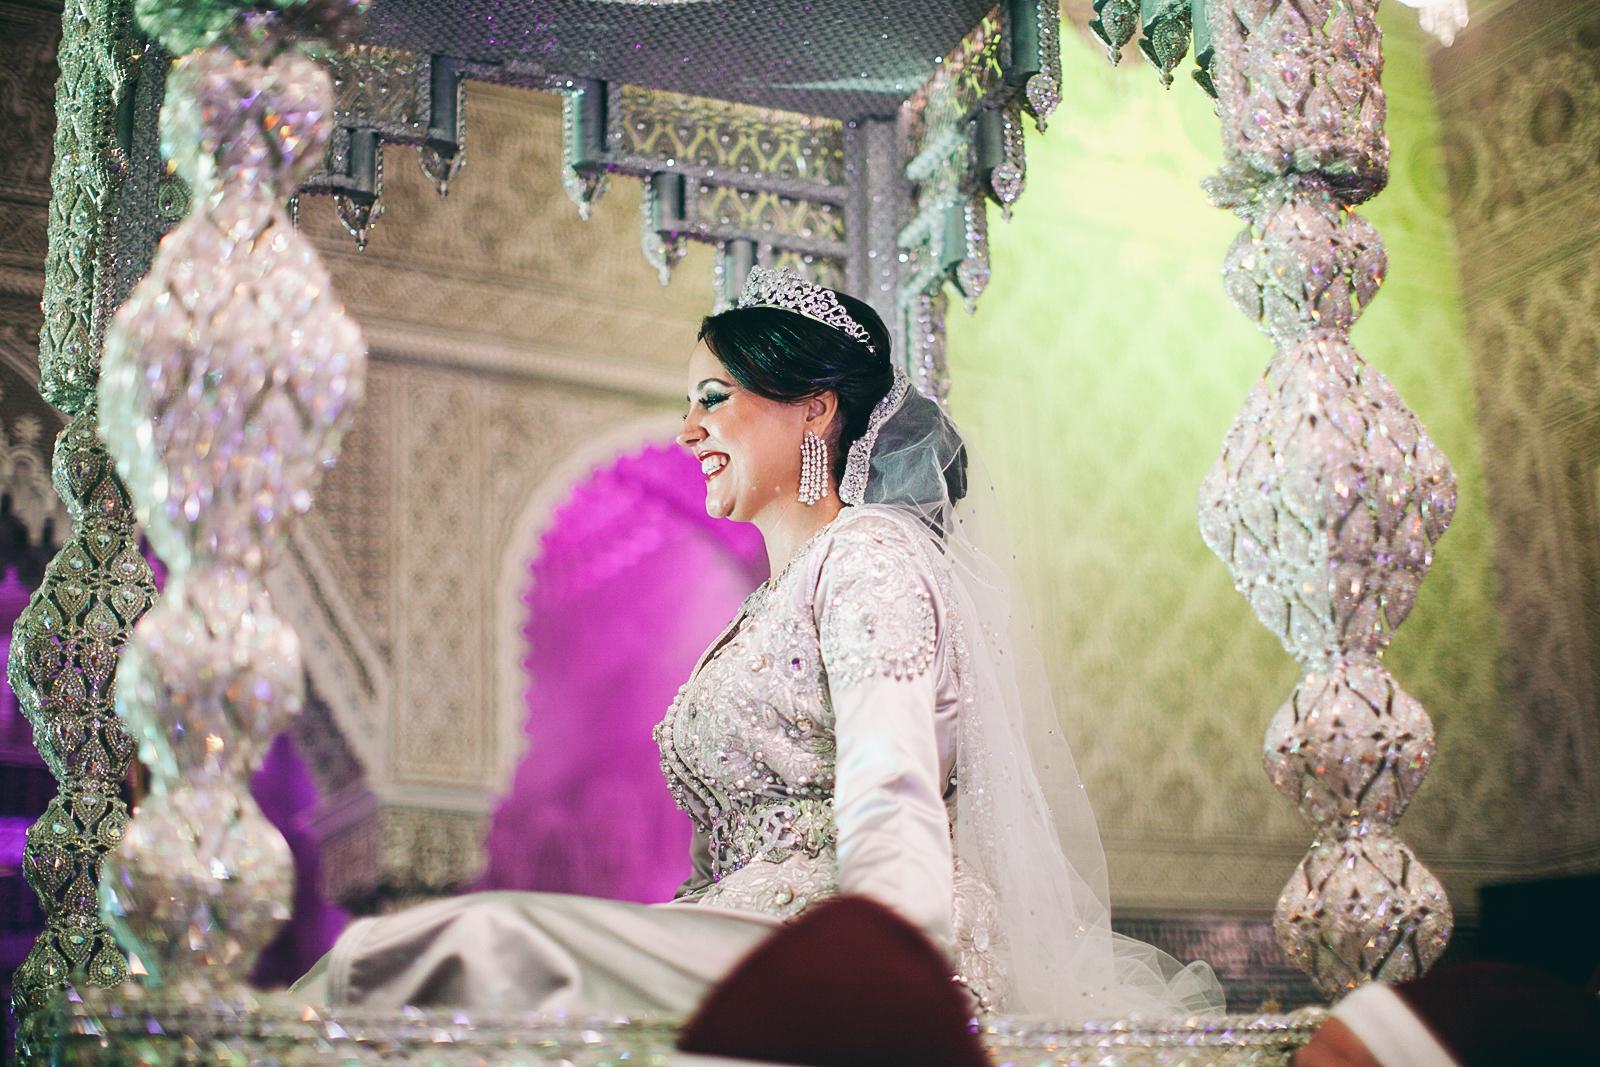 traditional_moroccan_wedding_photographry_casablanca_morocco_houda_vivek_ebony_siovhan_bokeh_photography_063.jpg